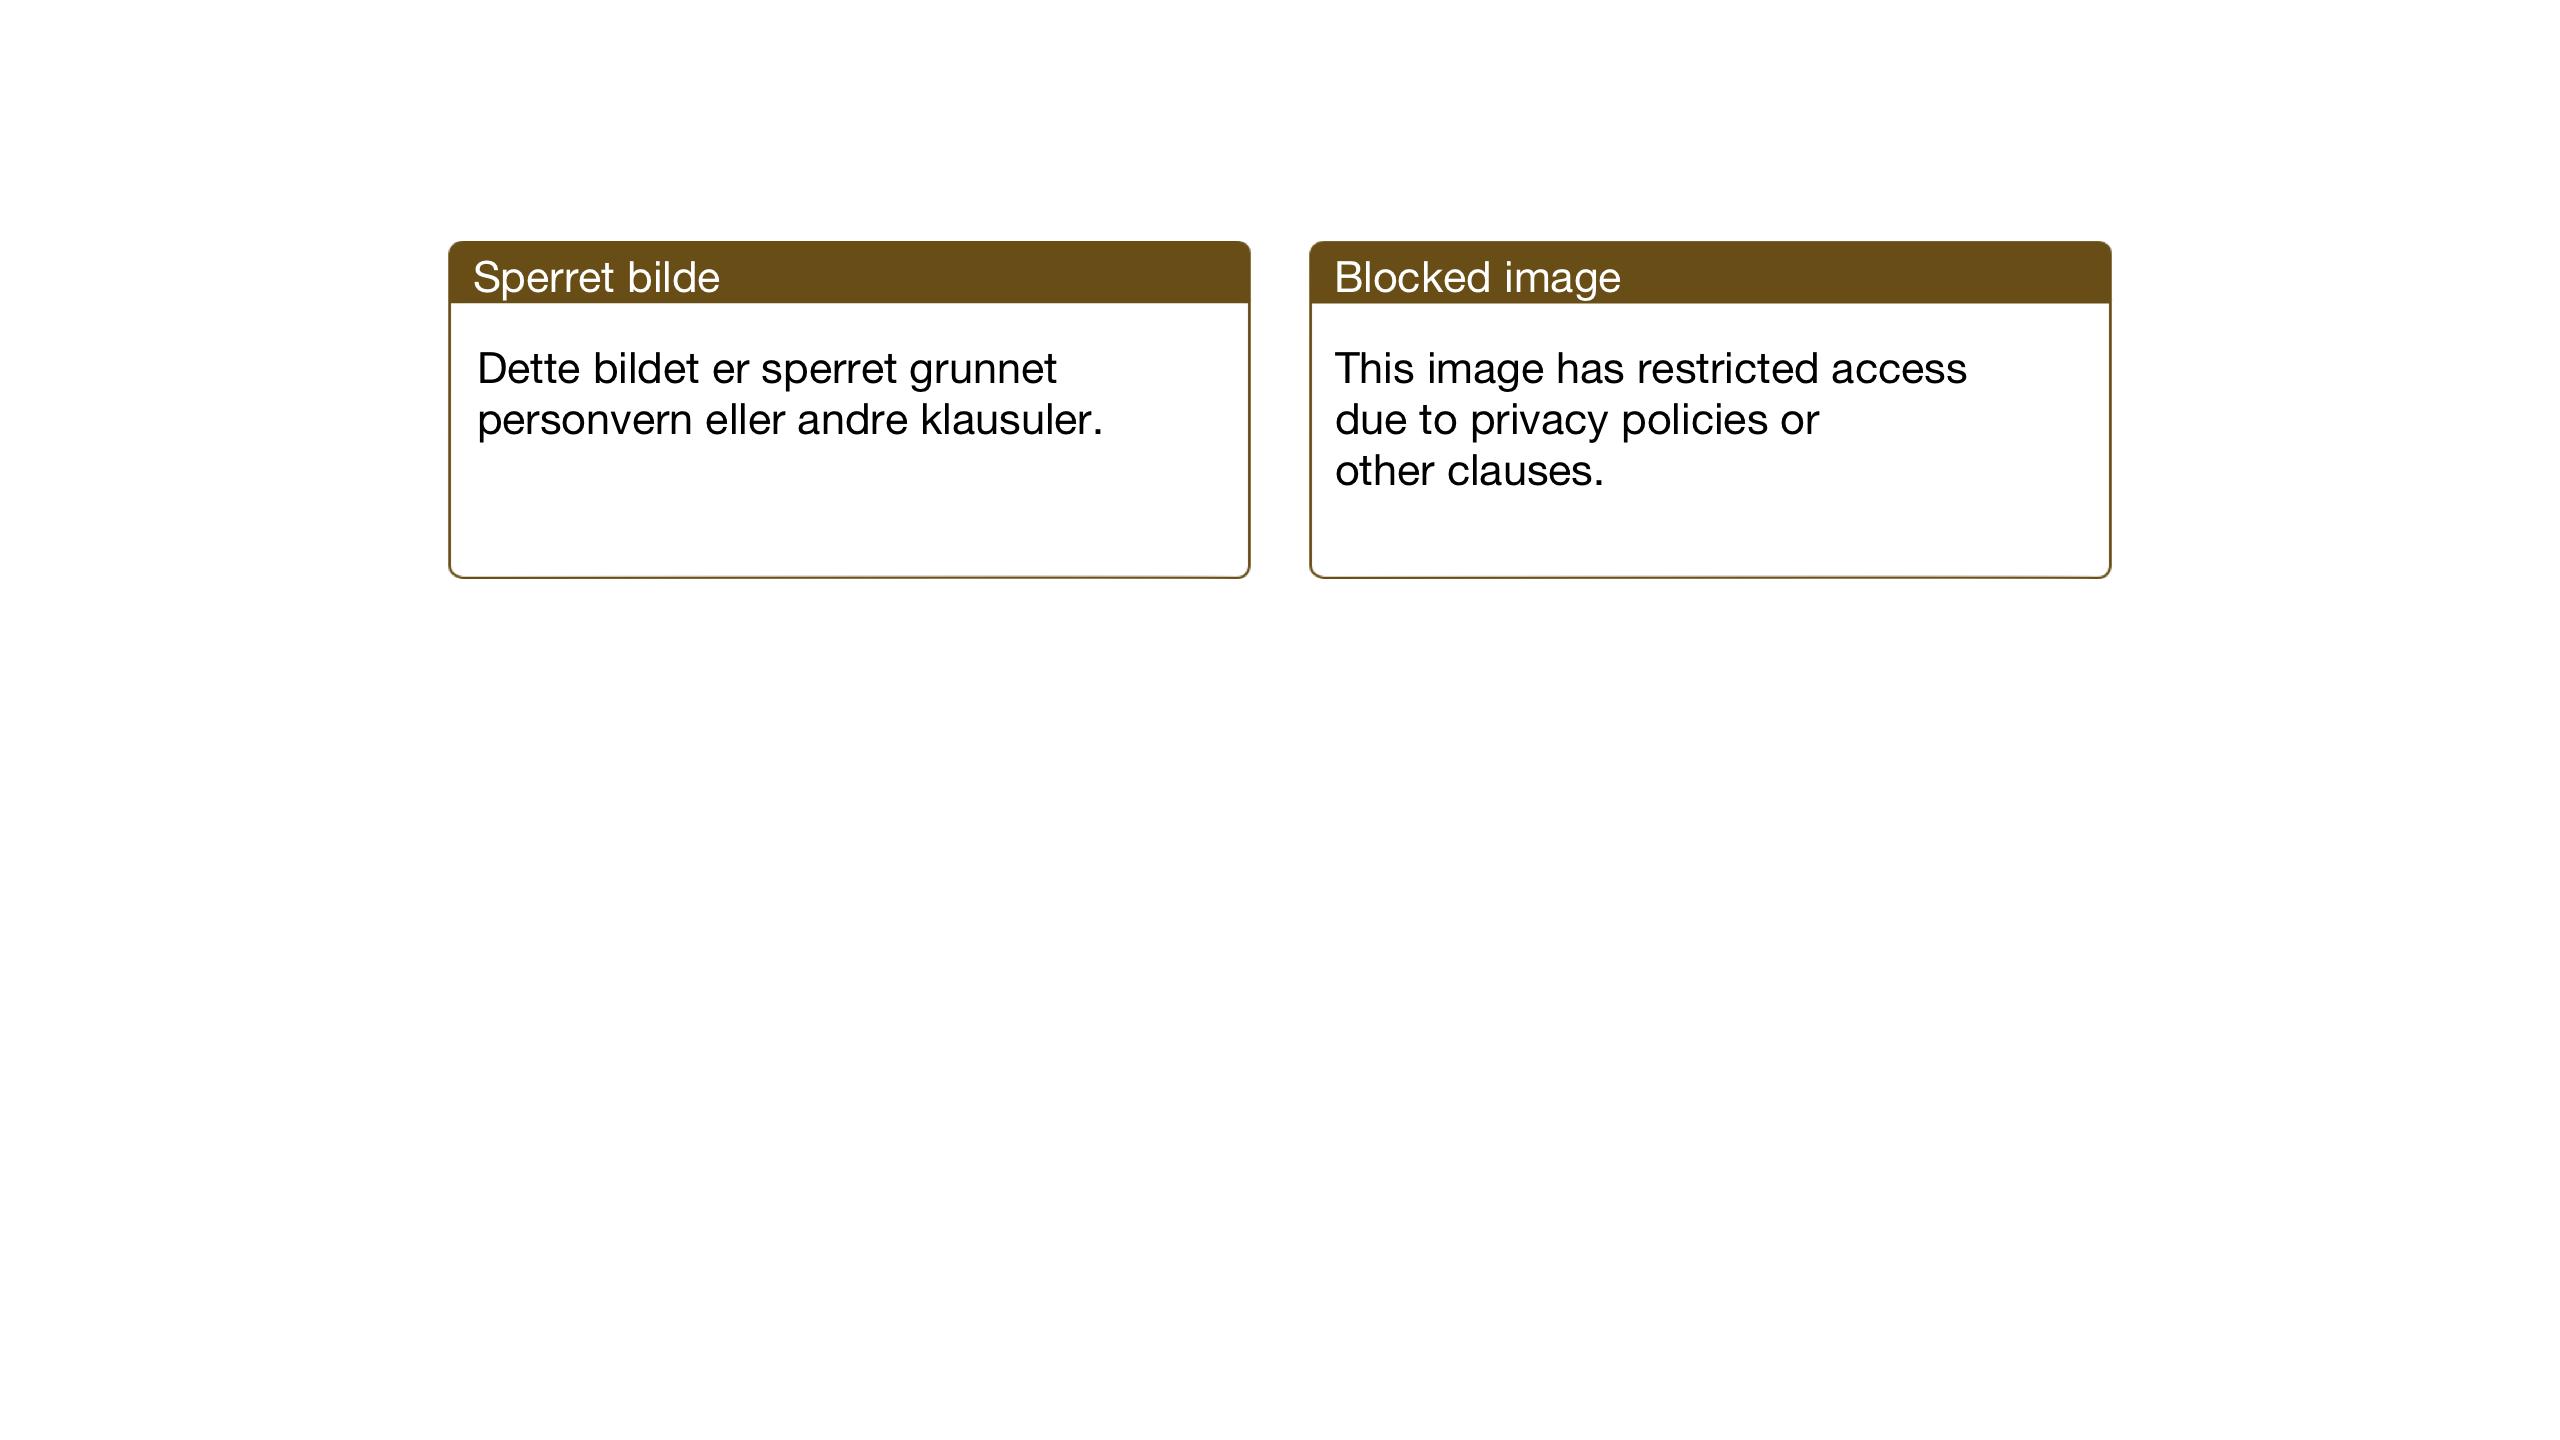 SAT, Ministerialprotokoller, klokkerbøker og fødselsregistre - Nord-Trøndelag, 741/L0403: Ministerialbok nr. 741C04, 1925-1944, s. 62